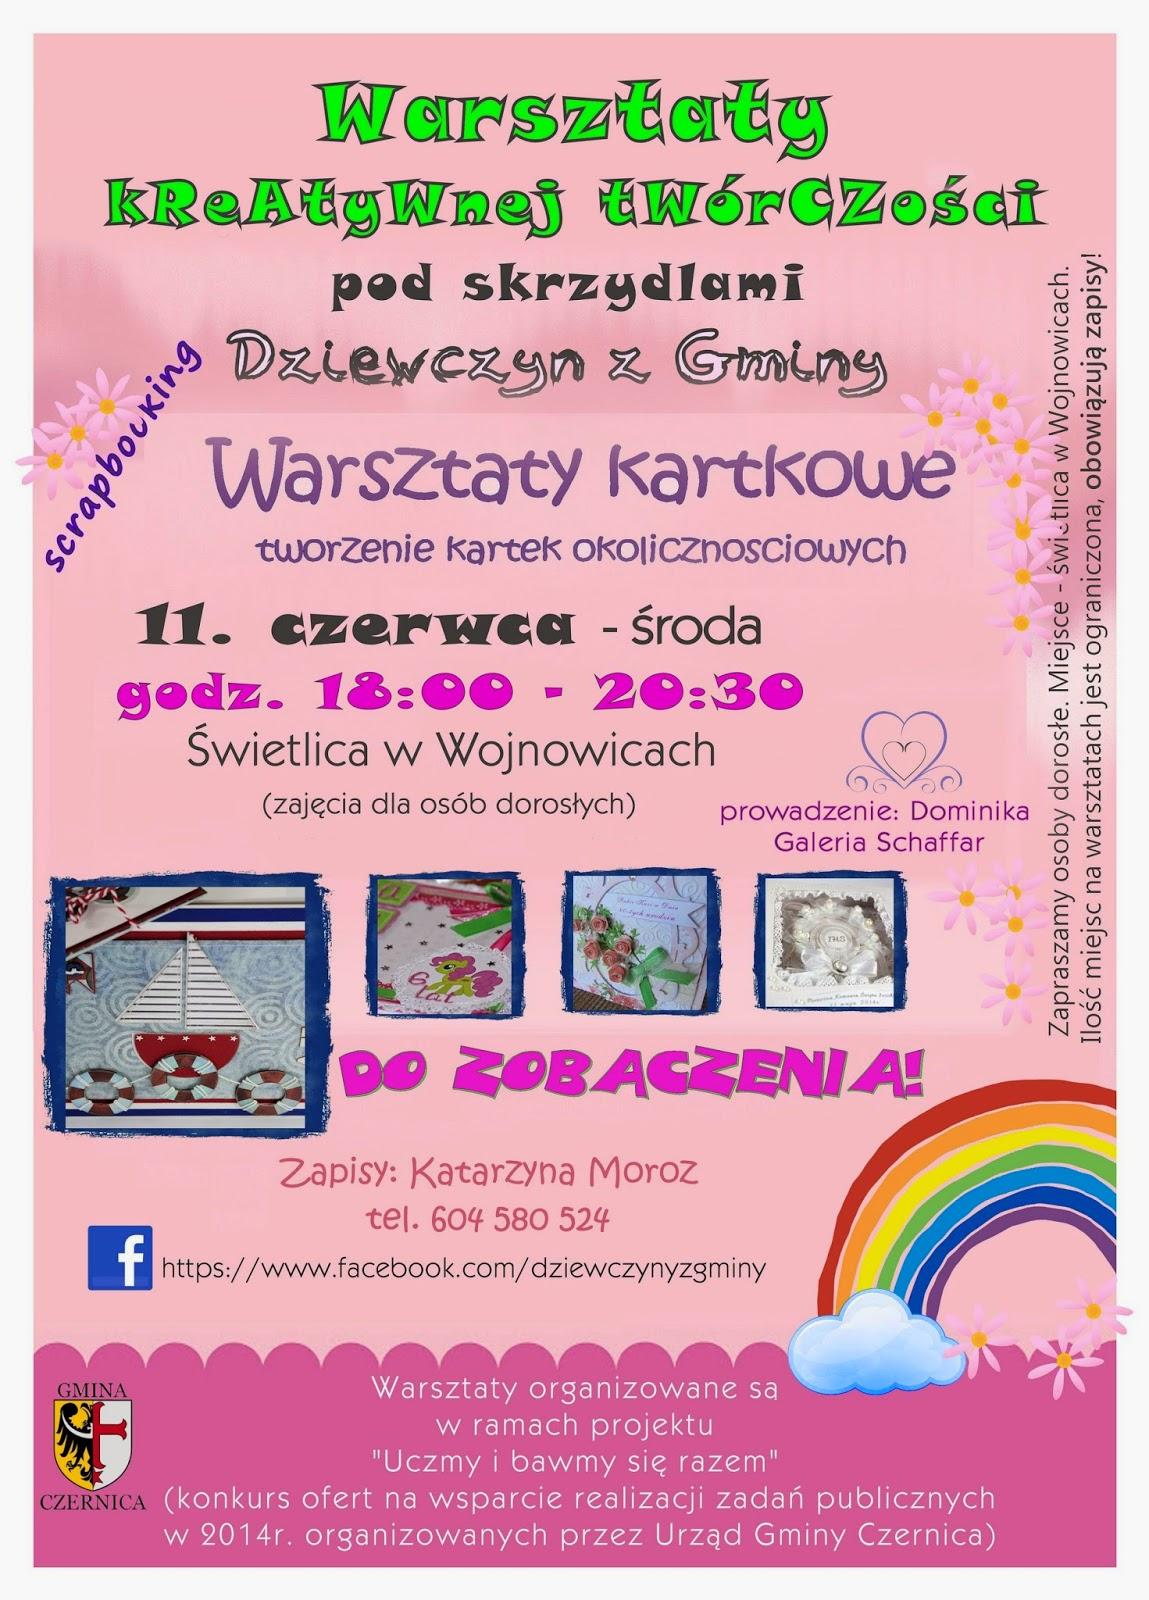 warsztaty crafting scrapbooking urodziny dla dzieci kreatywne galeria schaffar